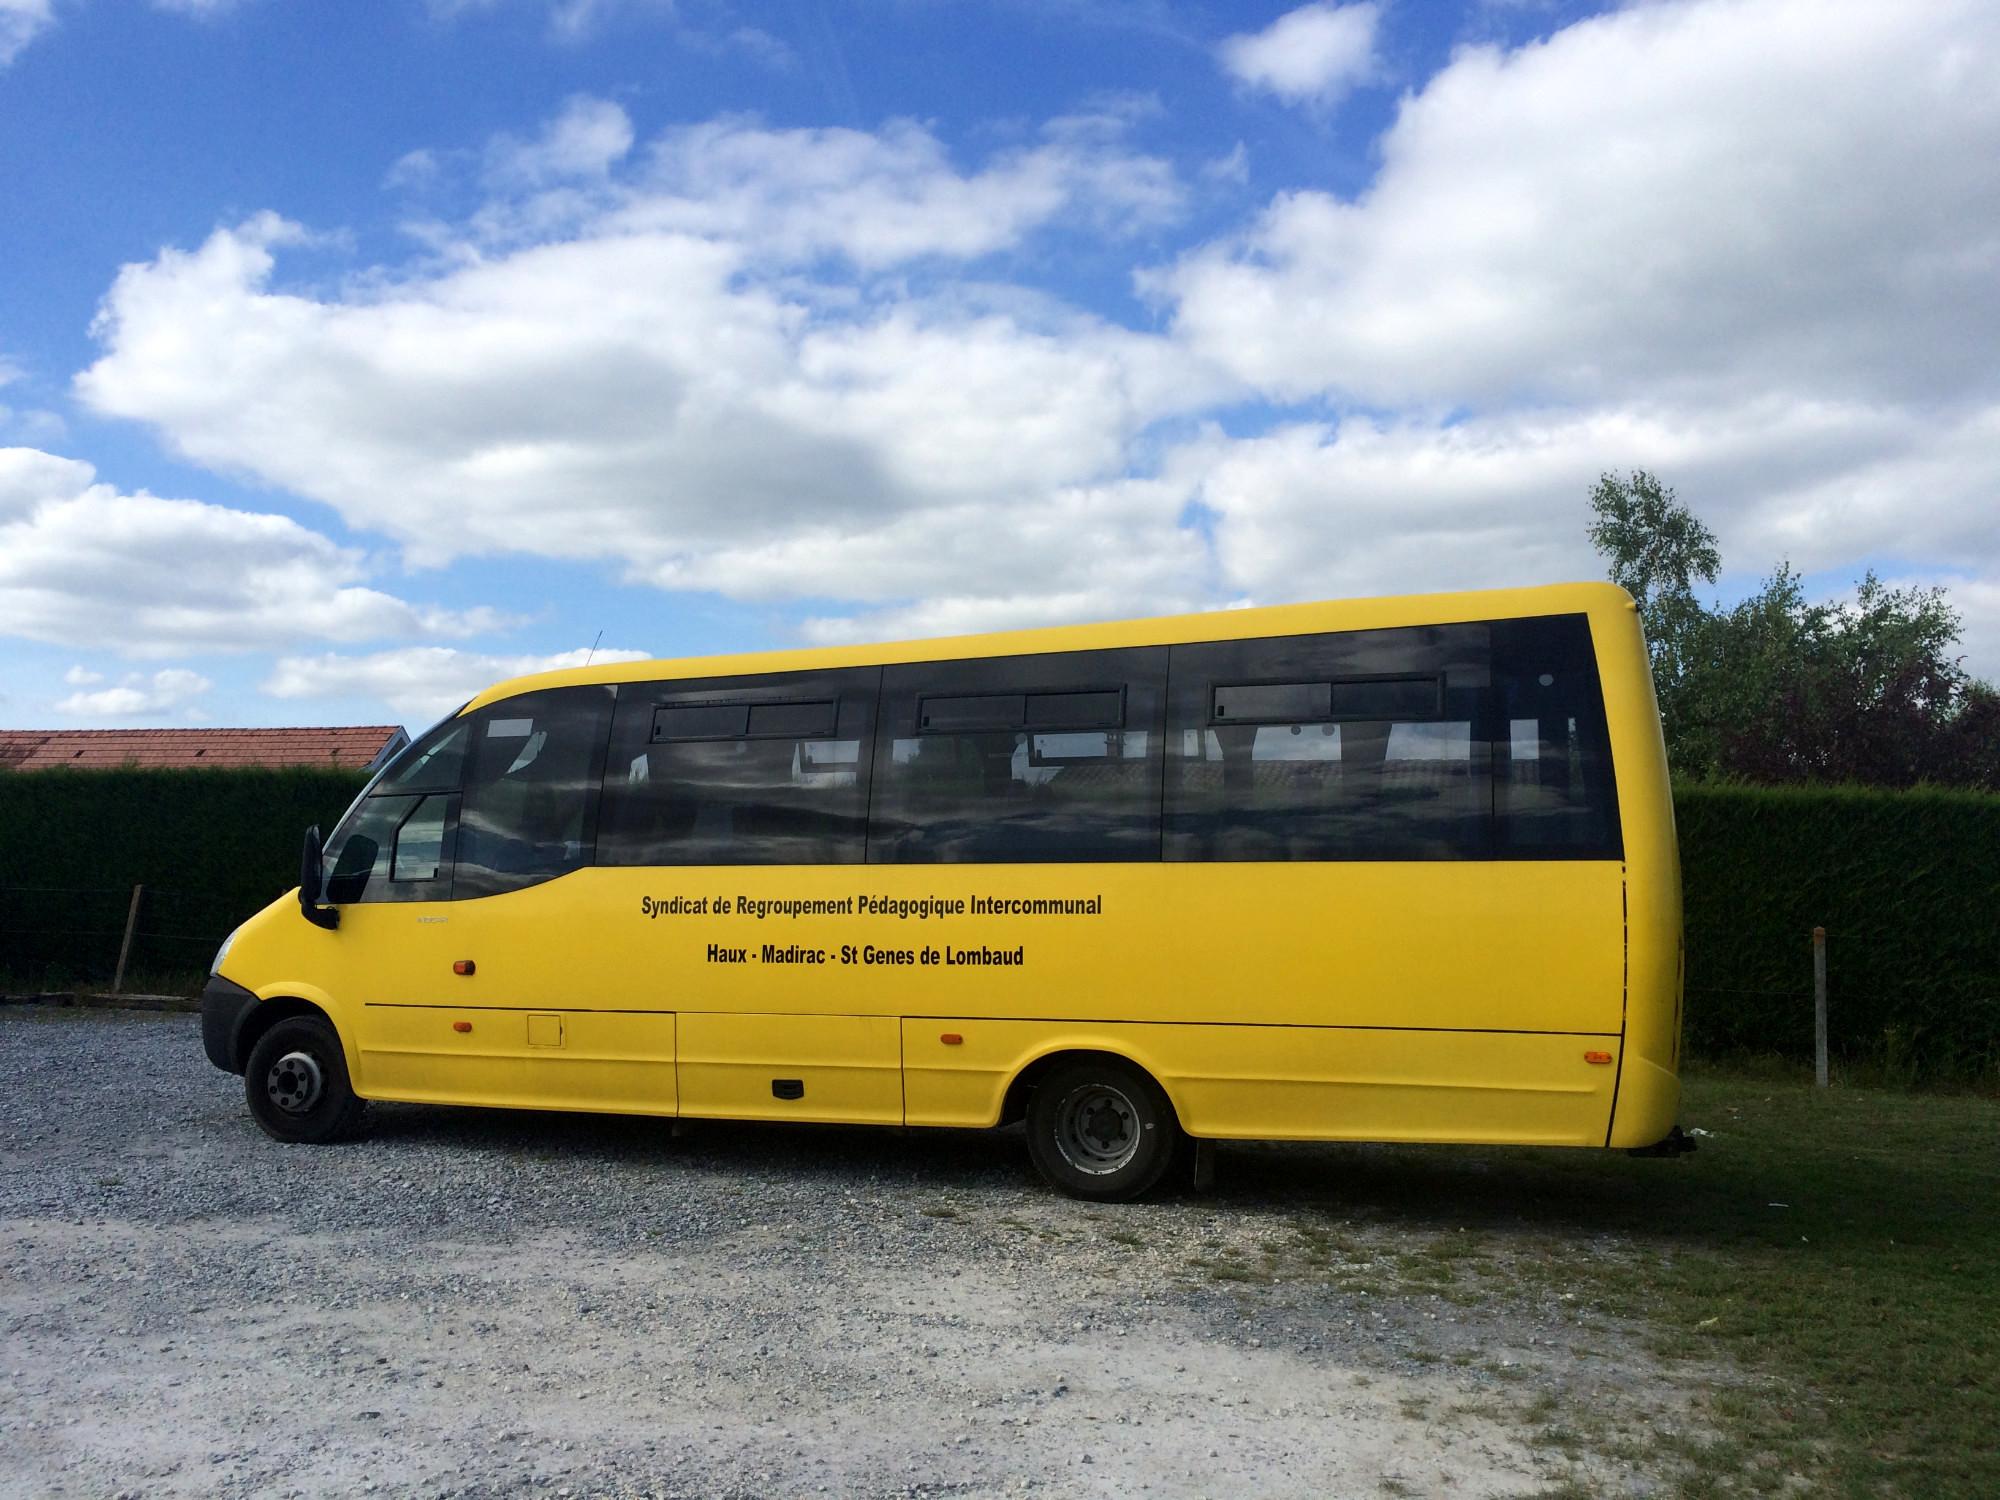 car iveco 33 places car bus d 39 occasion aux ench res agorastore. Black Bedroom Furniture Sets. Home Design Ideas